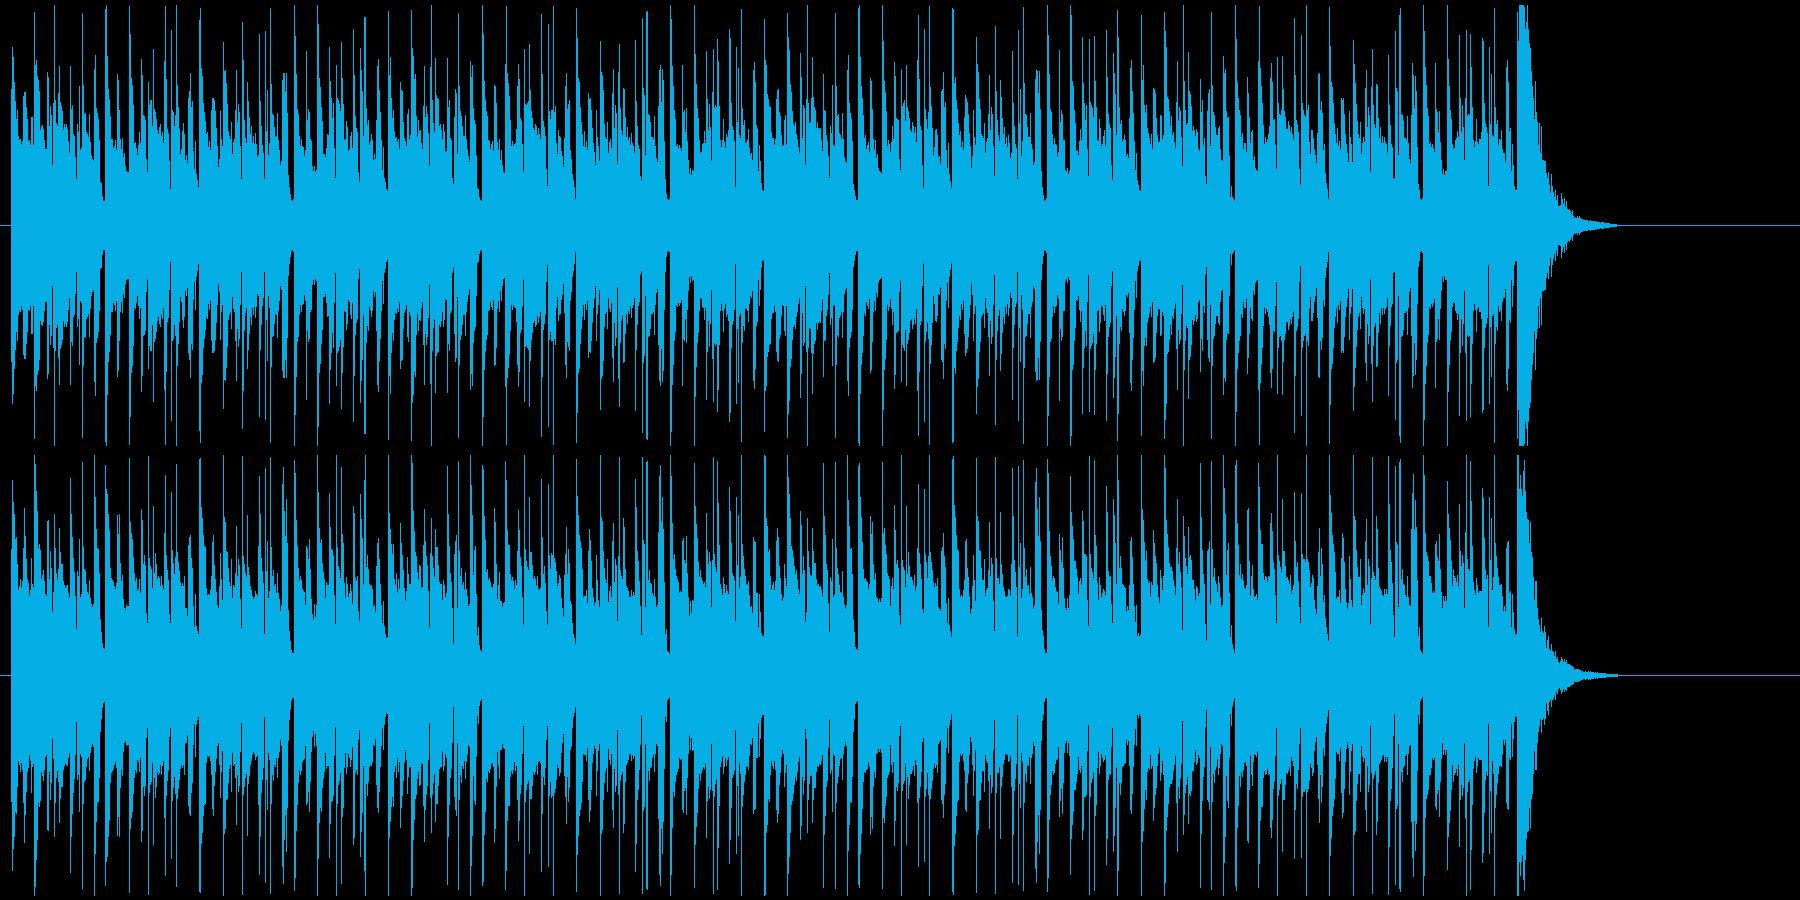 クイズ番組などのシンキングタイム用BGMの再生済みの波形